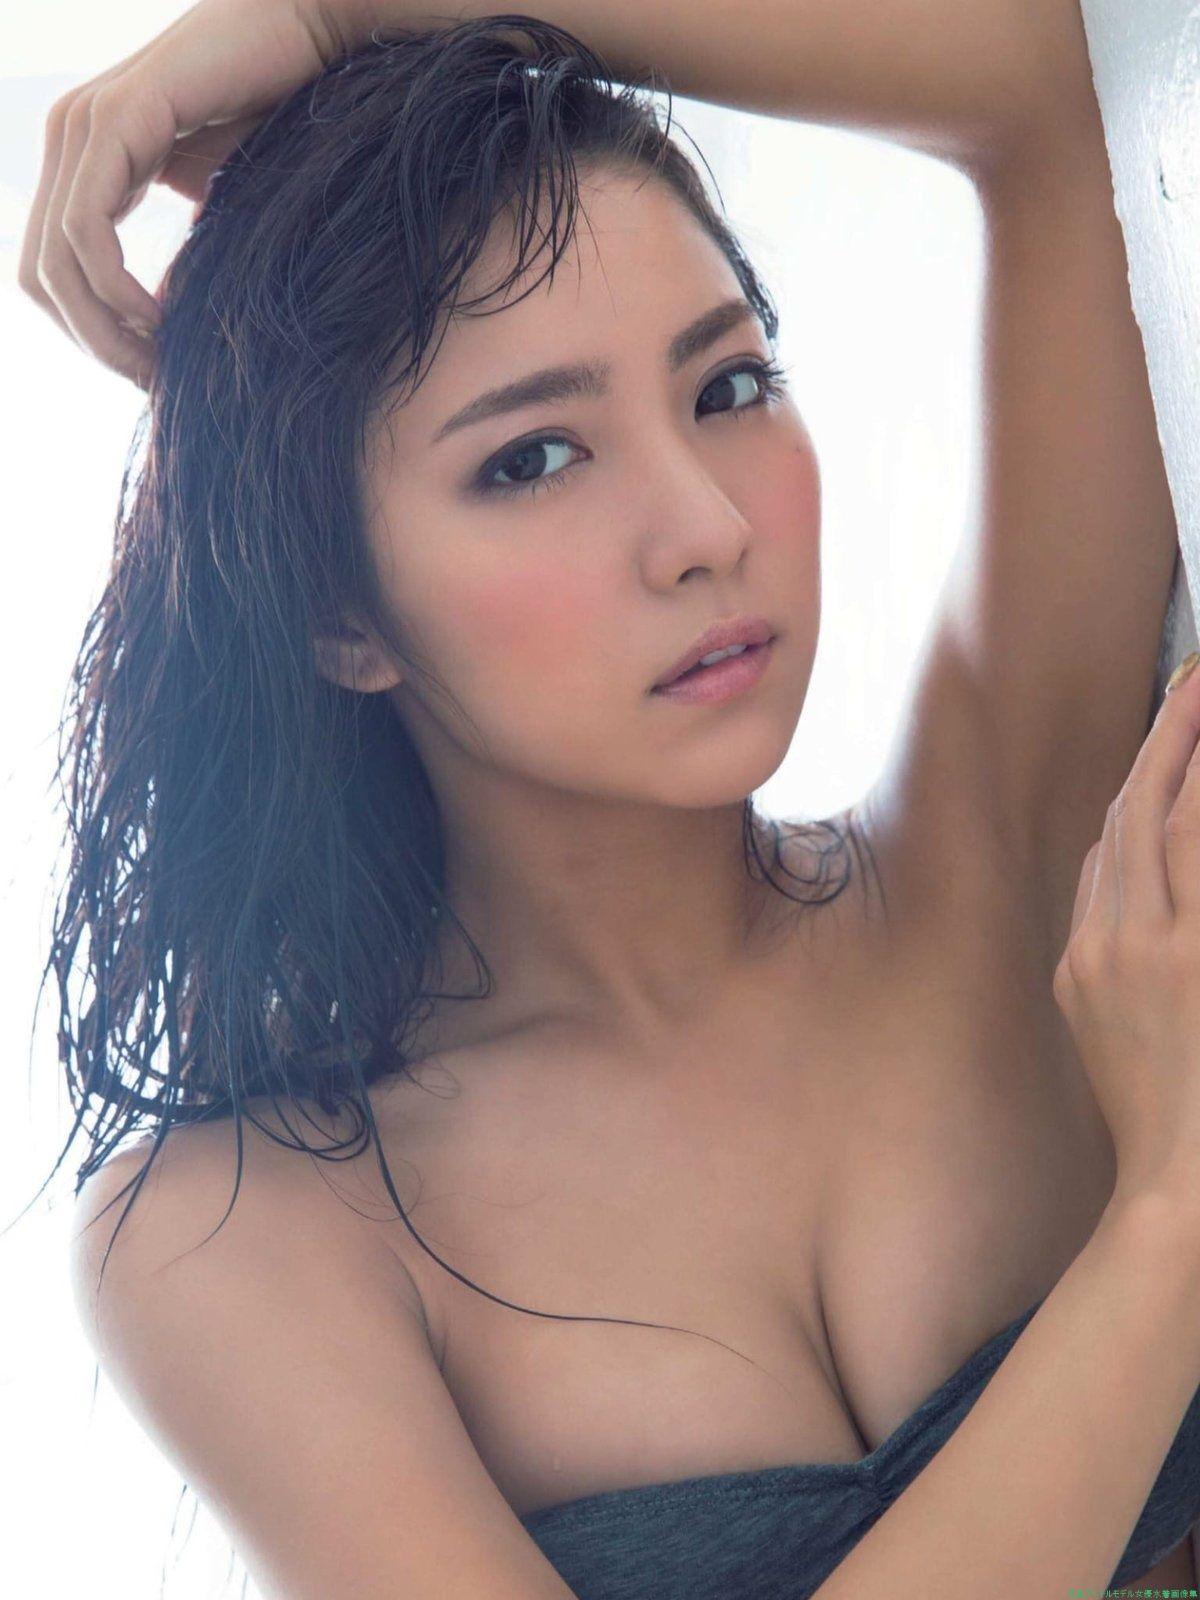 石川恋 魅惑のスレンダー美ボディ水着乳&下着尻セクシー画像